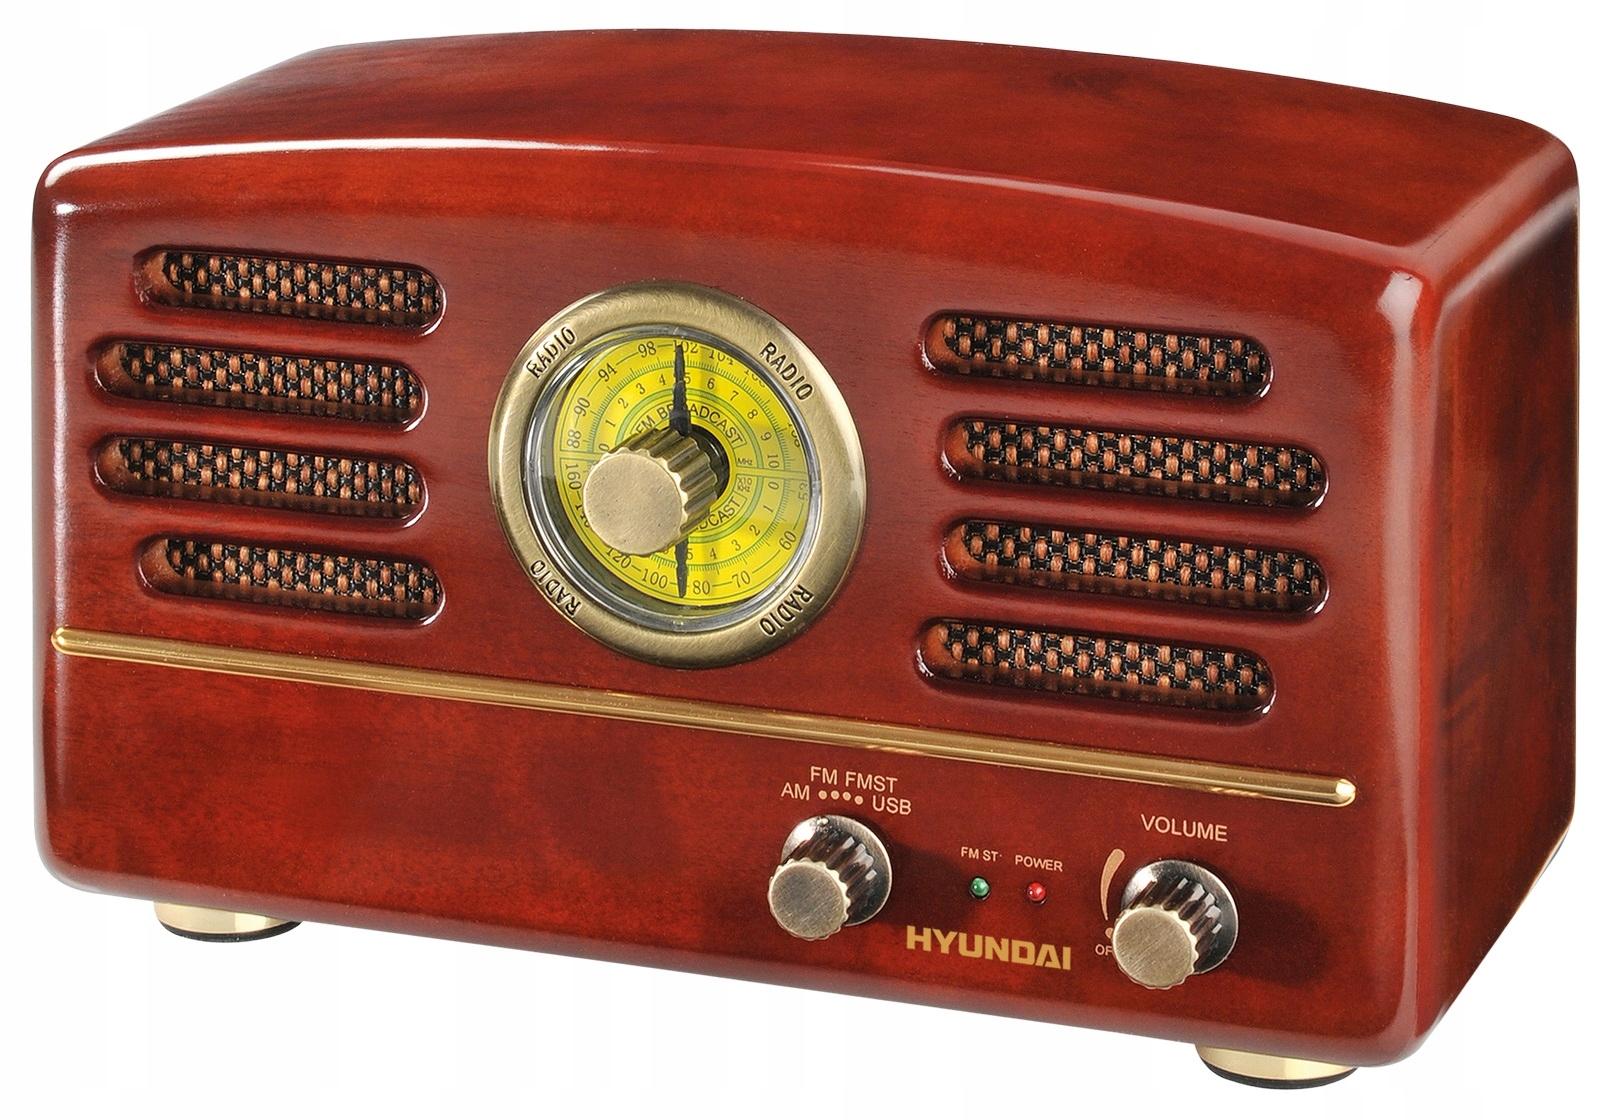 RÁDIO HYUNDAI DREVENÉ RETRO FM/AM TUNER RA202C